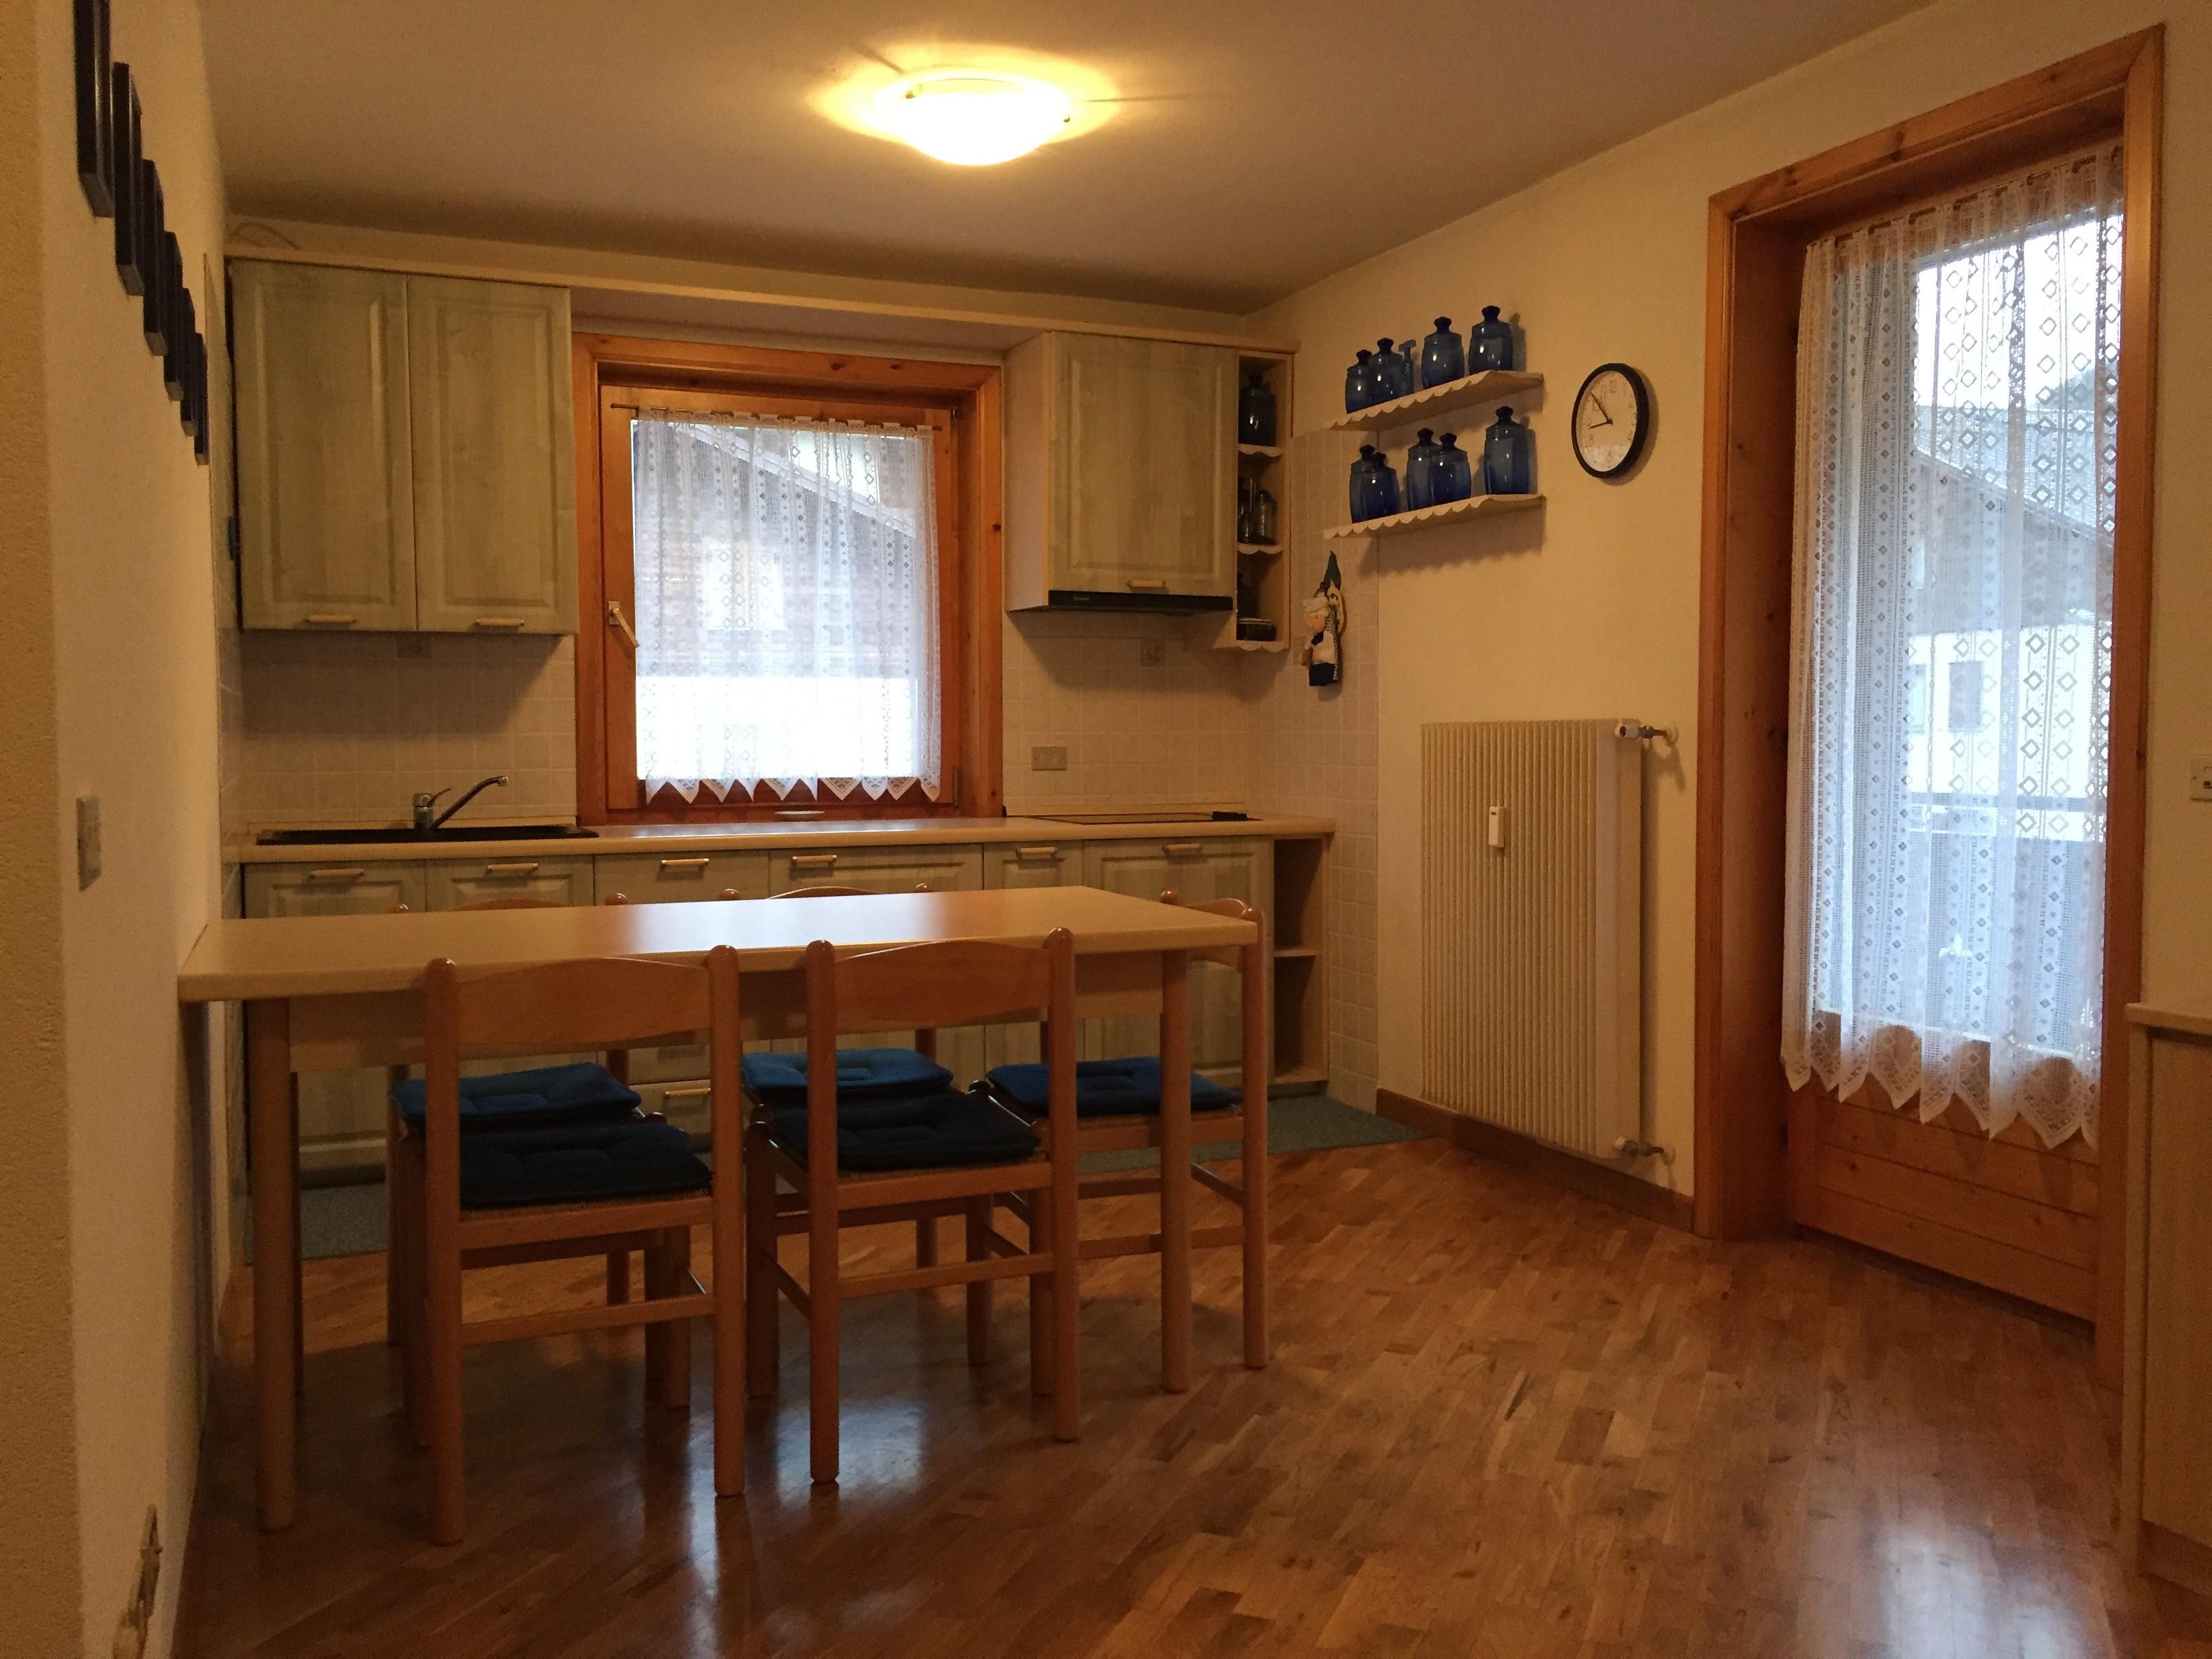 immobiliare Abita trilocale in vendita soggiorno zona cottura pranzo